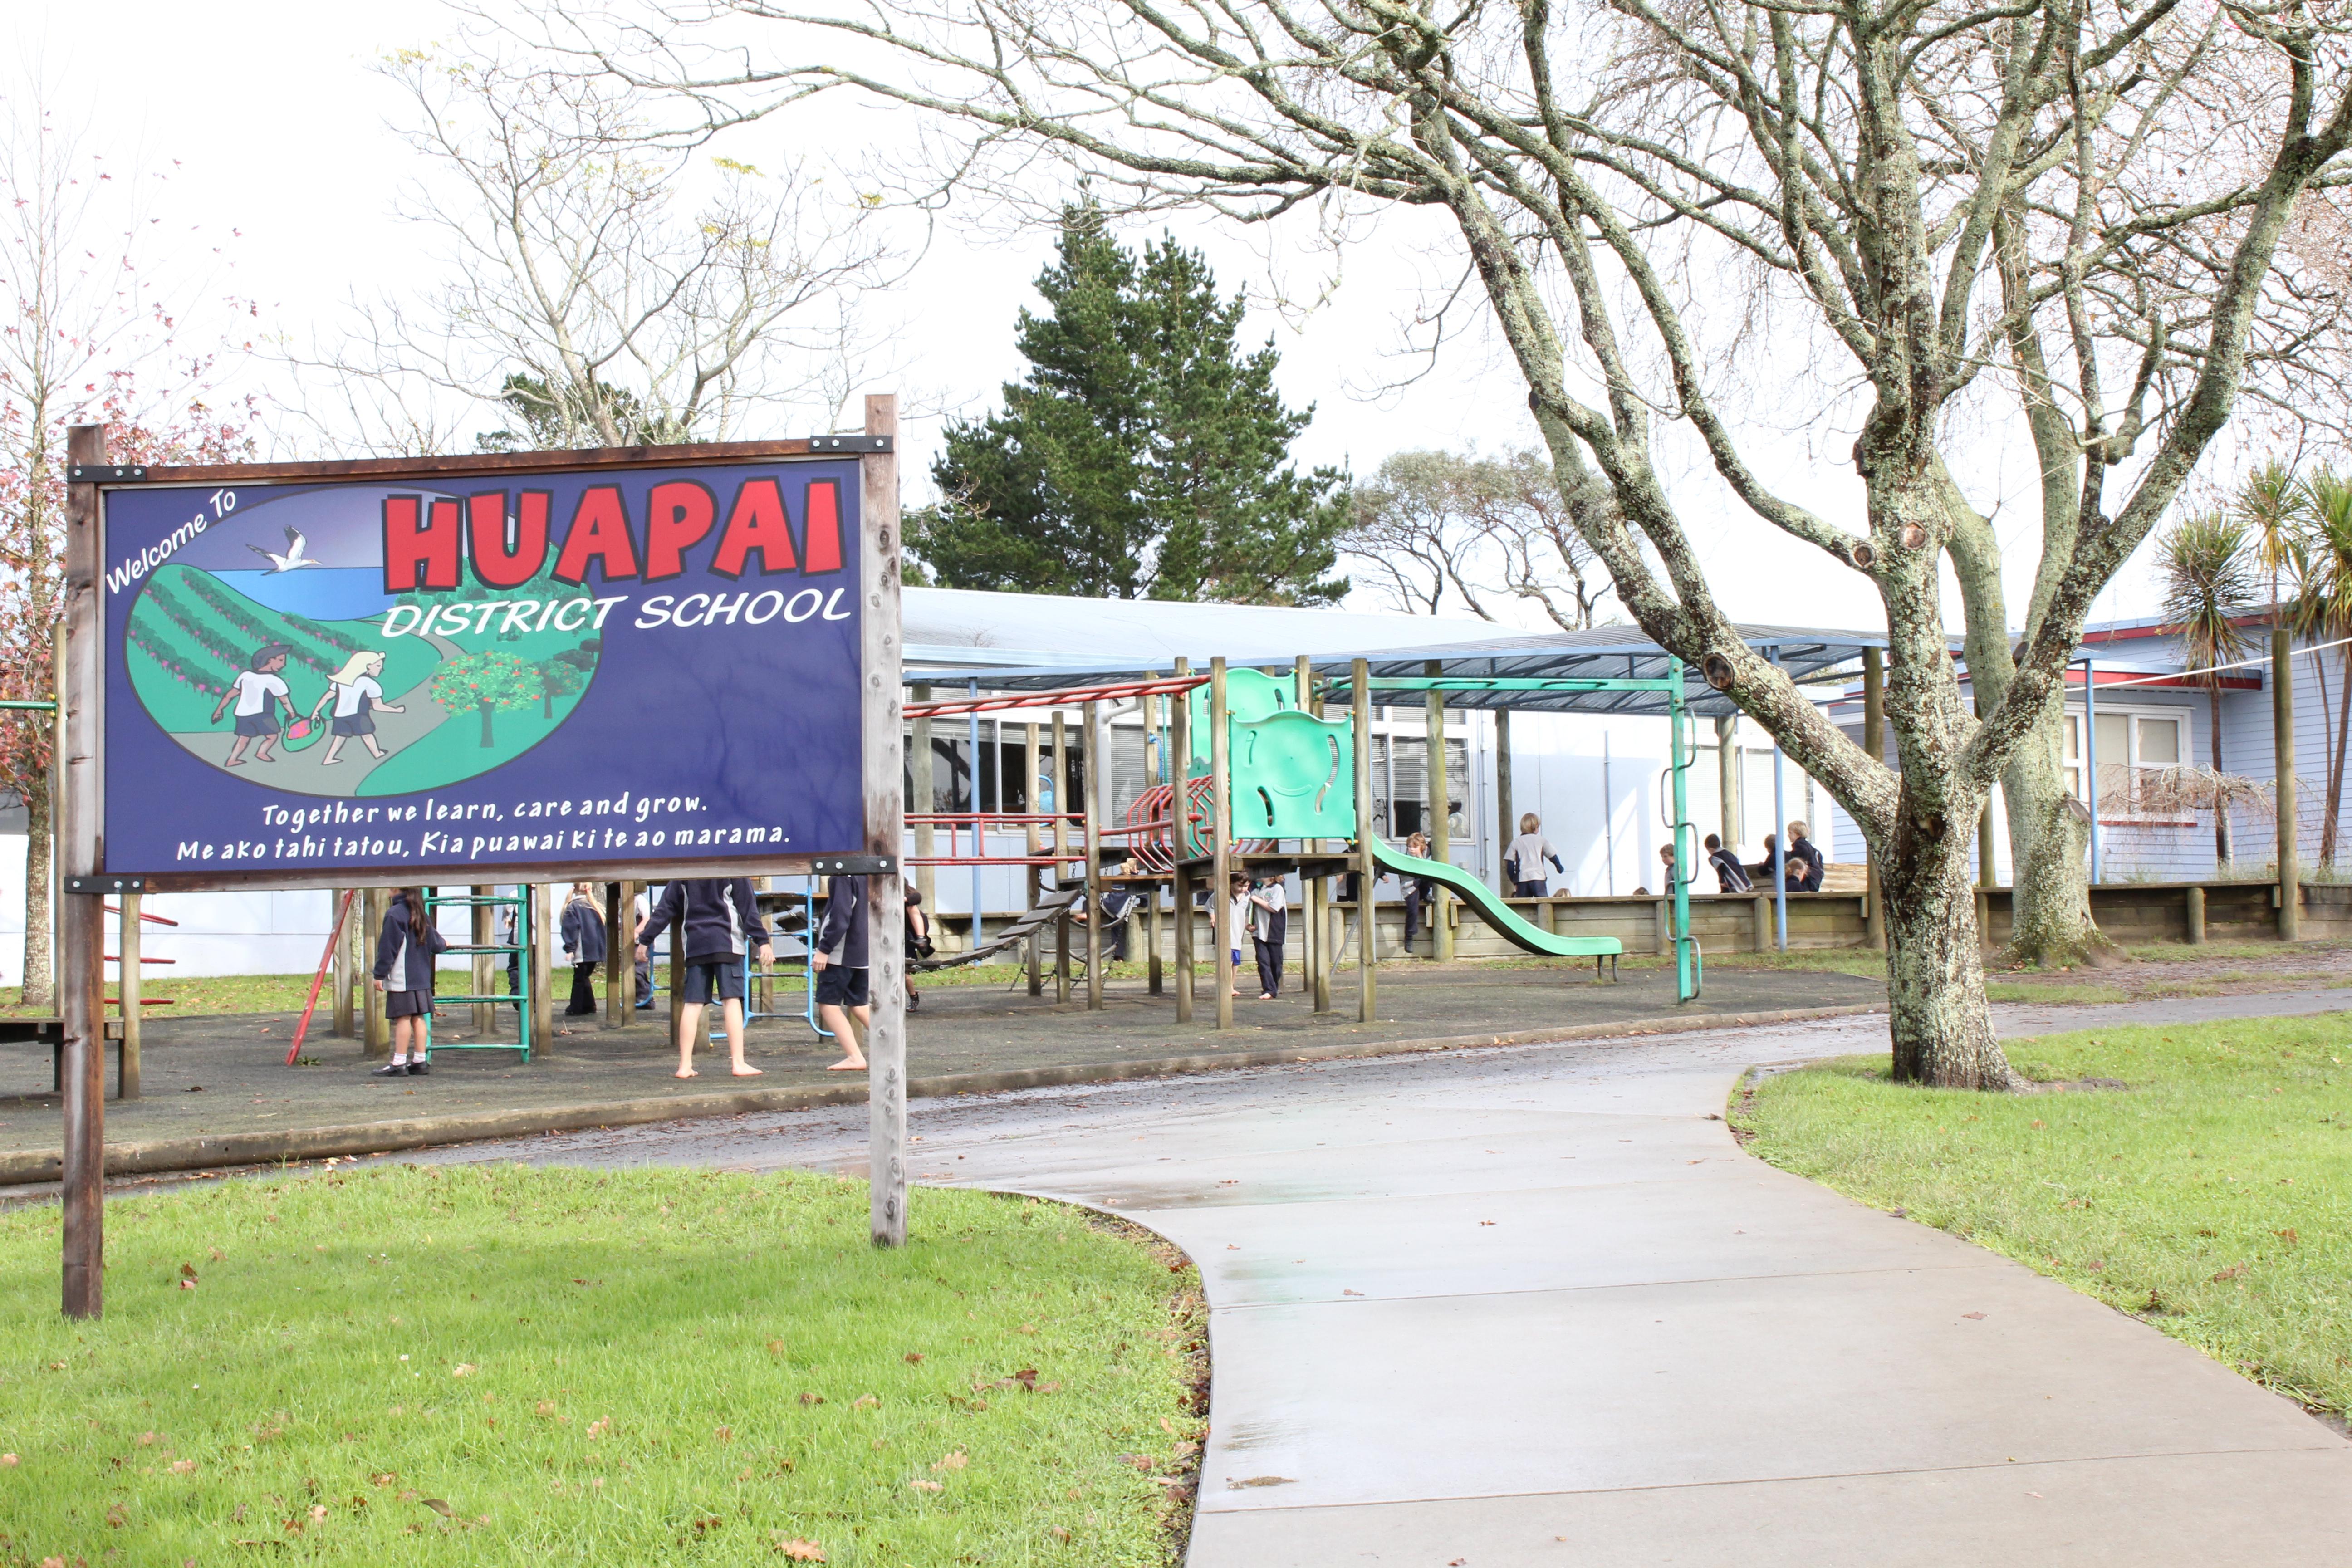 Huapai District School